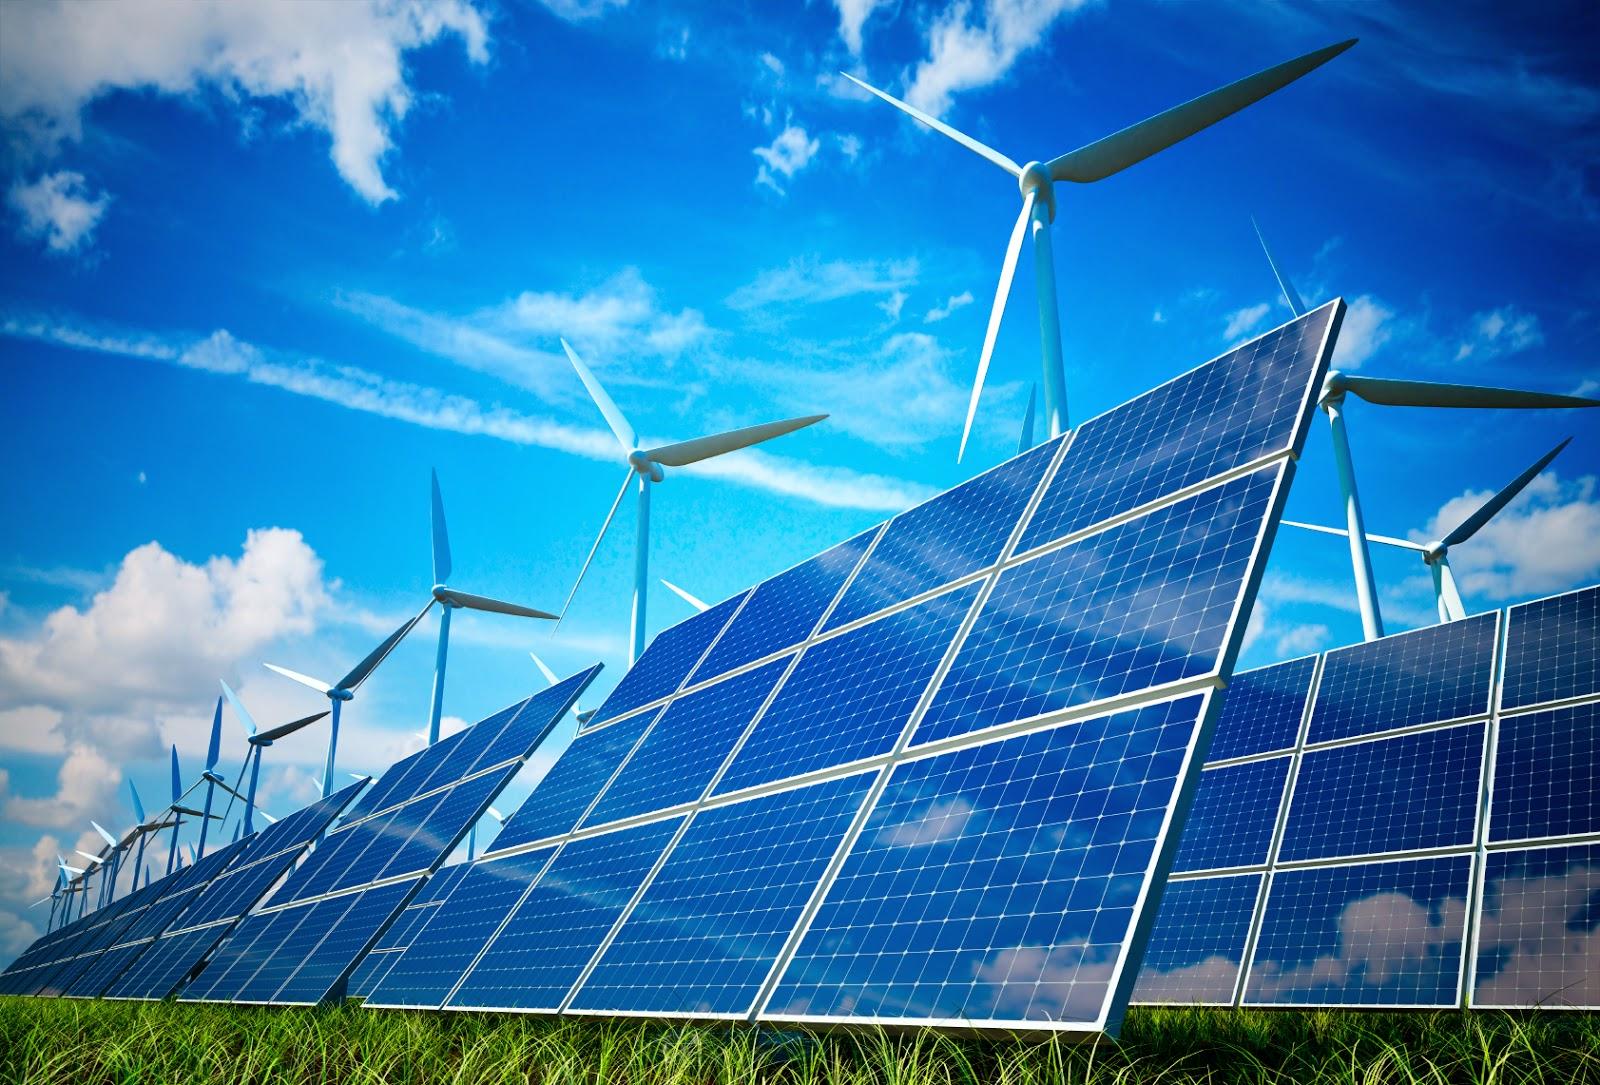 Contoh Pemanfaatan Energi Alternatif Di Indonesia Download Gambar